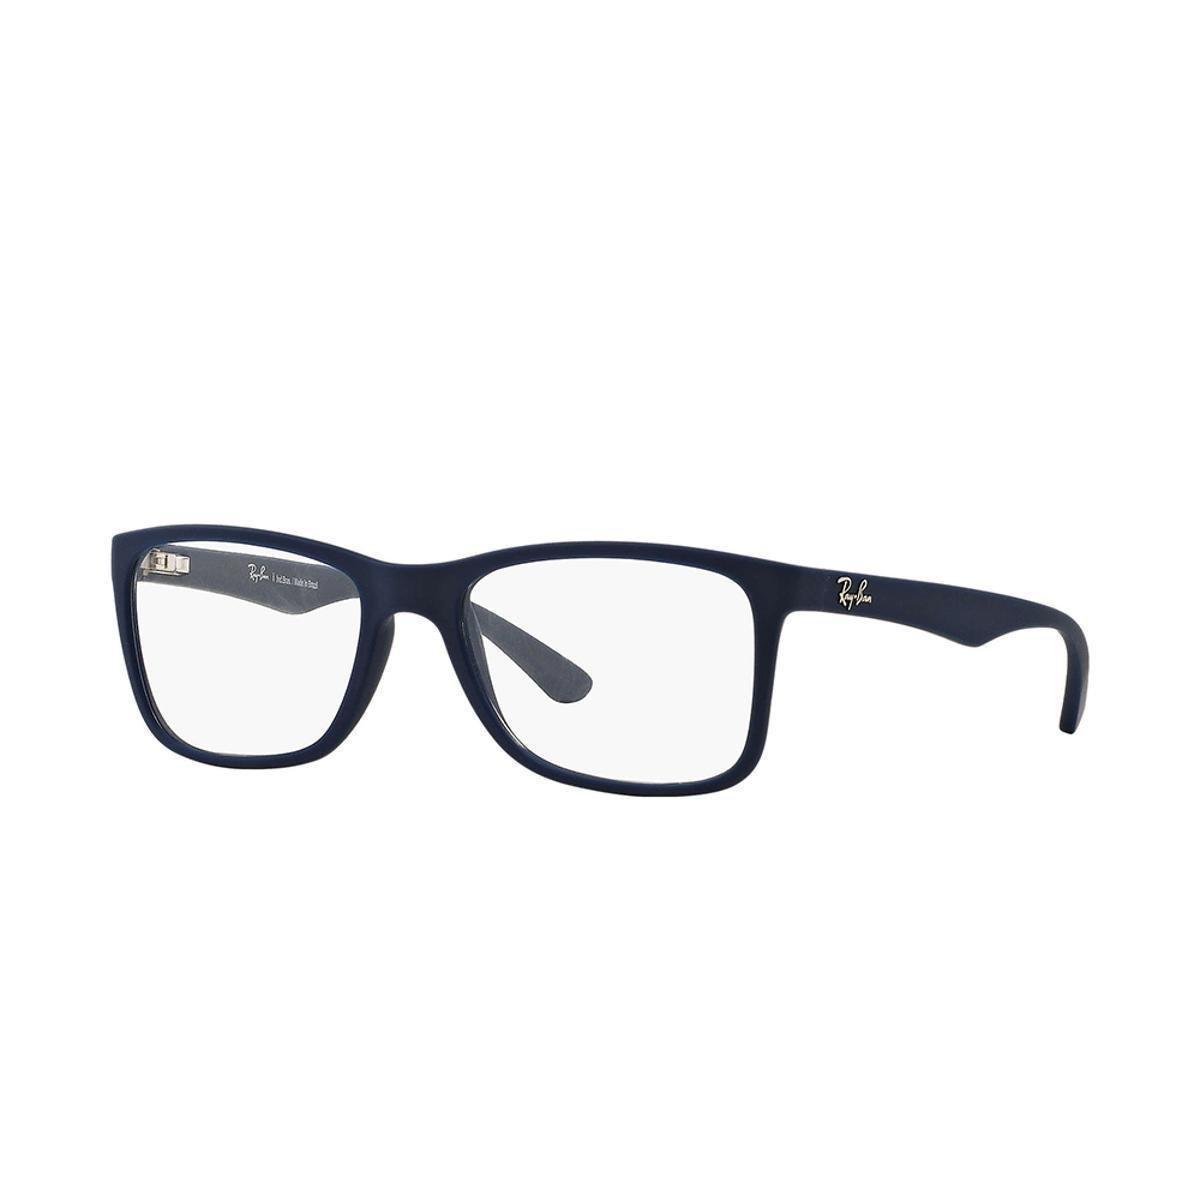 2c87acebd Armação de Óculos Ray-Ban RB7027L - Marinho   Menor preço com cupom